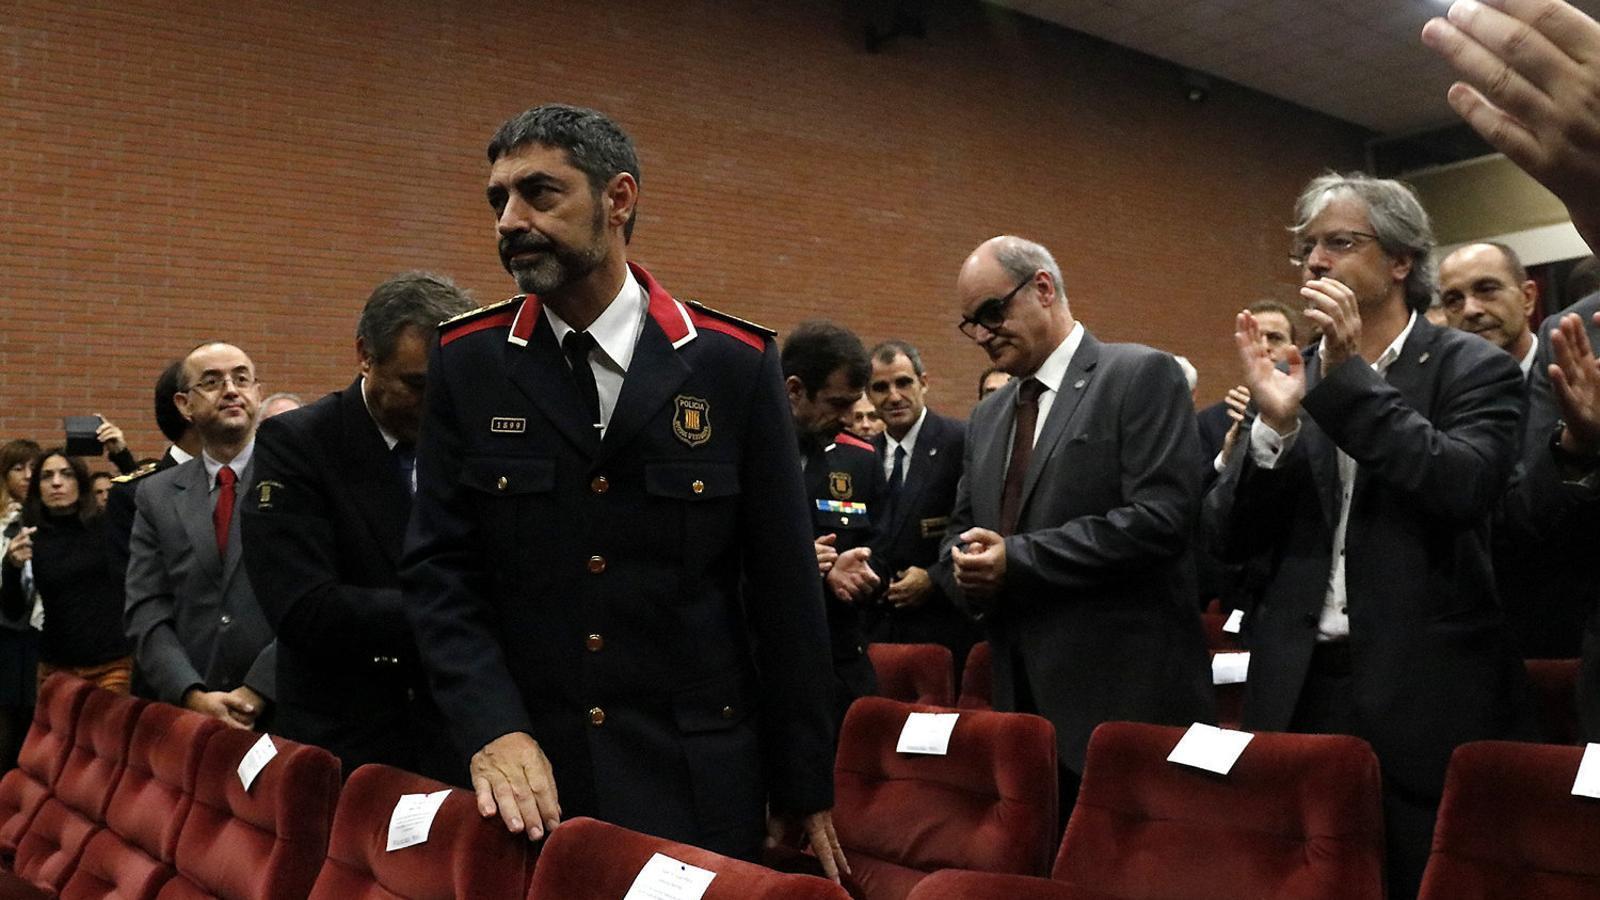 El govern espanyol cessa Josep Lluís Trapero com a major dels Mossos d'Esquadra